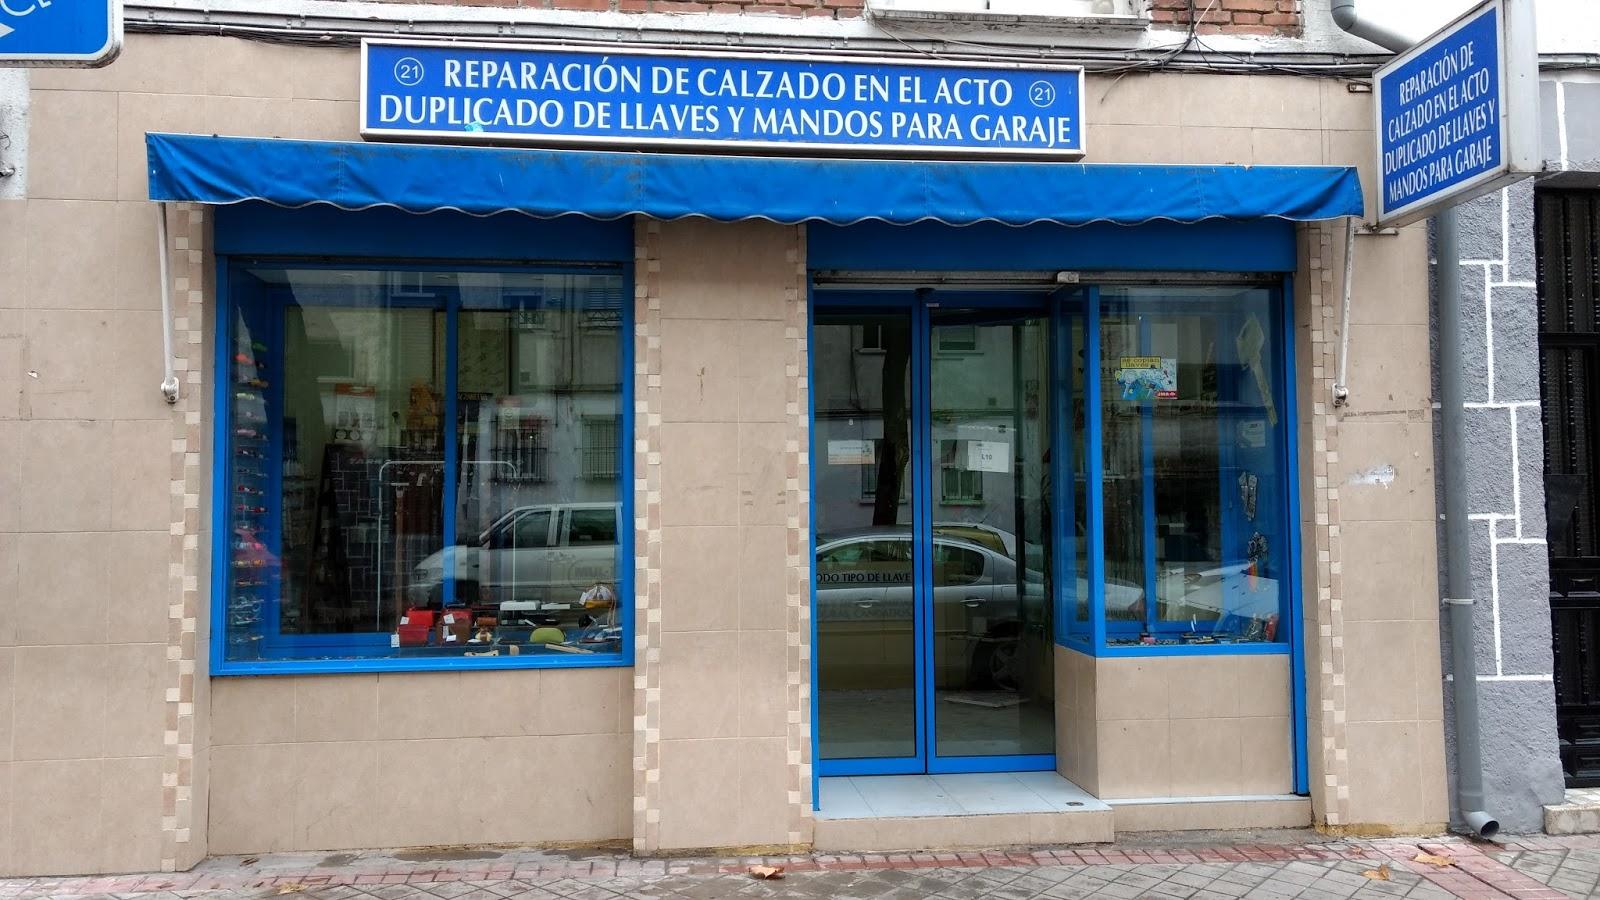 REPARACION DE CALZADO VILLAVERDE